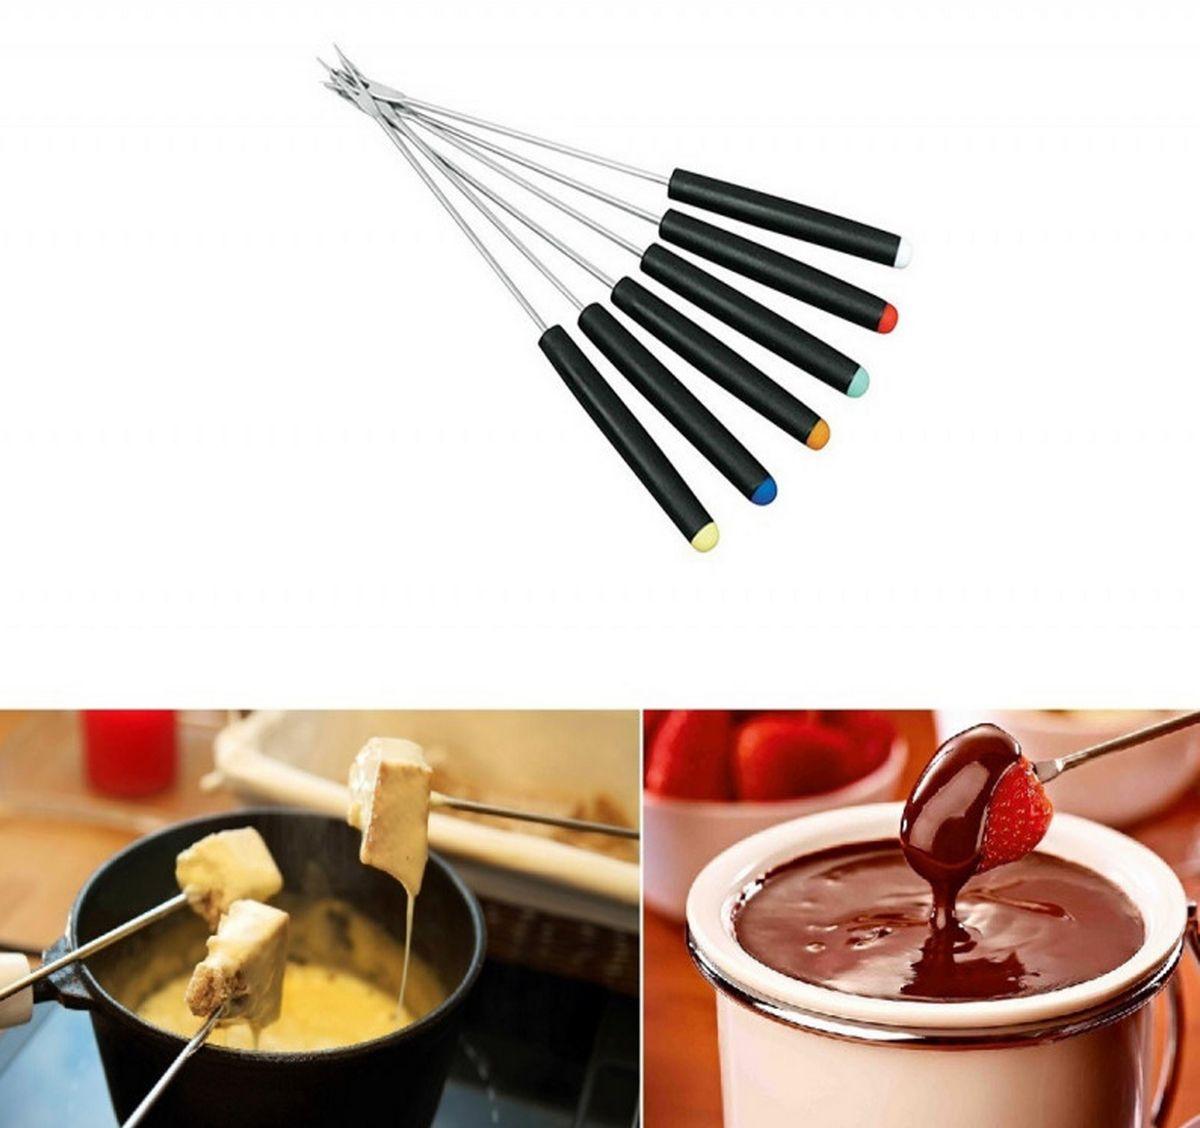 Conjunto Para Fondue 22 Peças Médio Chocolate Queijo Petiscos Com Base Giratória Vários Acessórios Rich Well